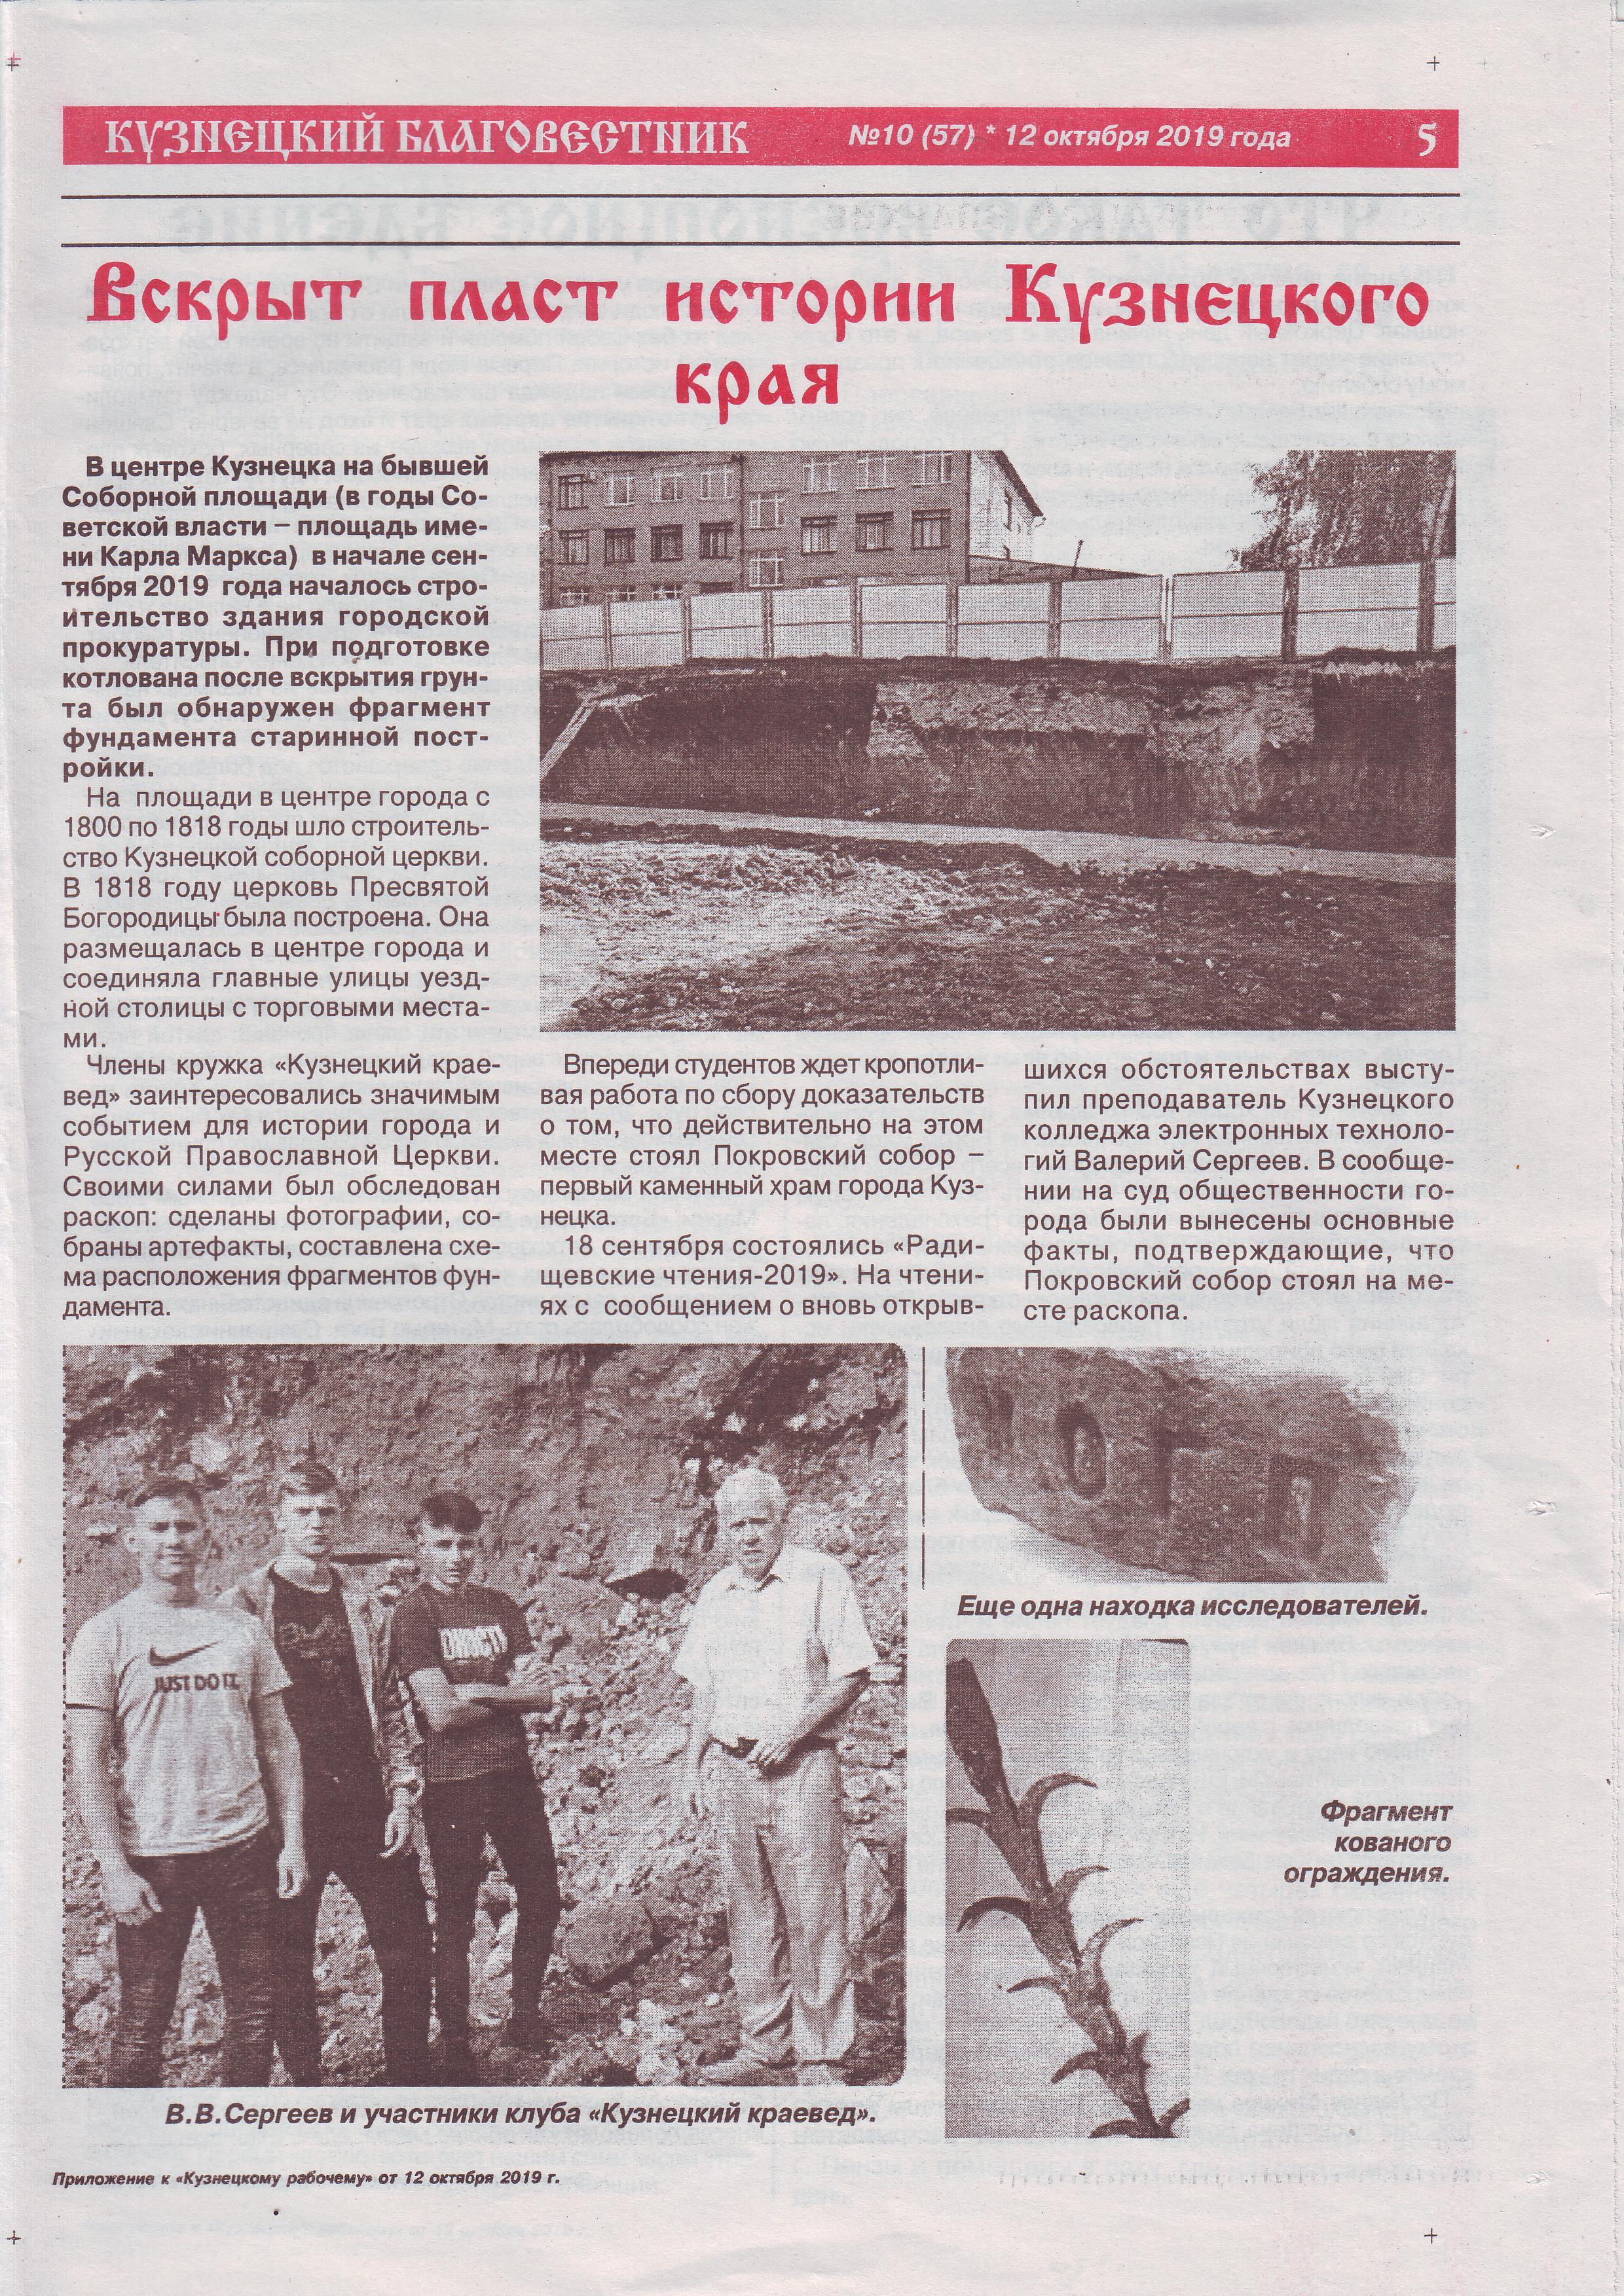 Вскрыт пласт истории Кузнецкого края